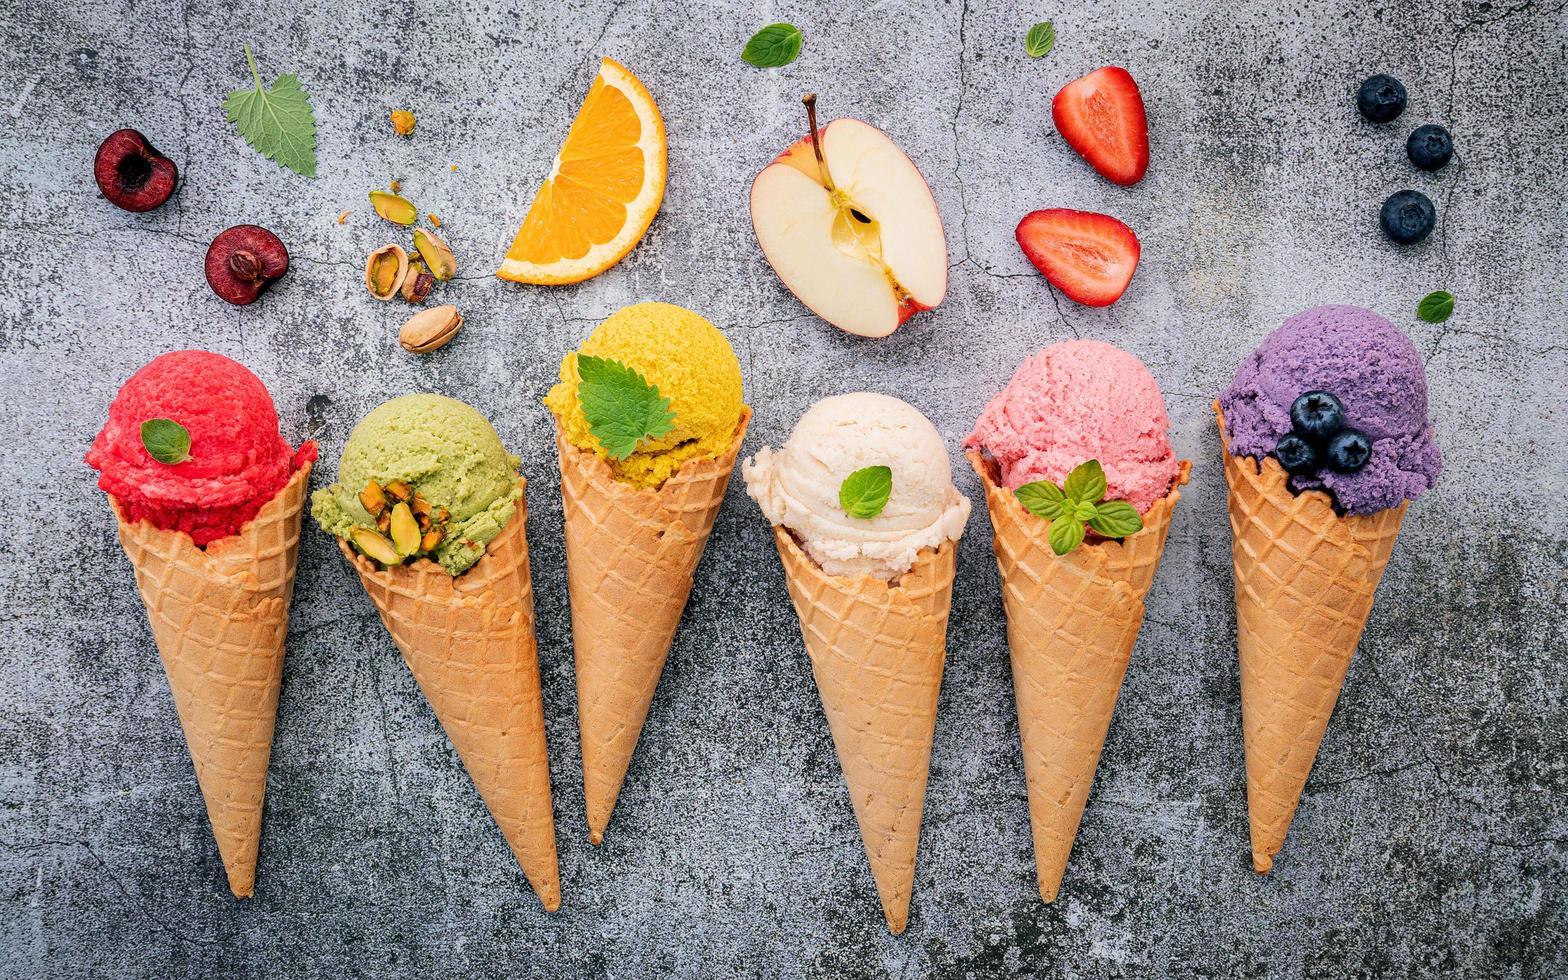 Fruit and ice cream on concrete photo